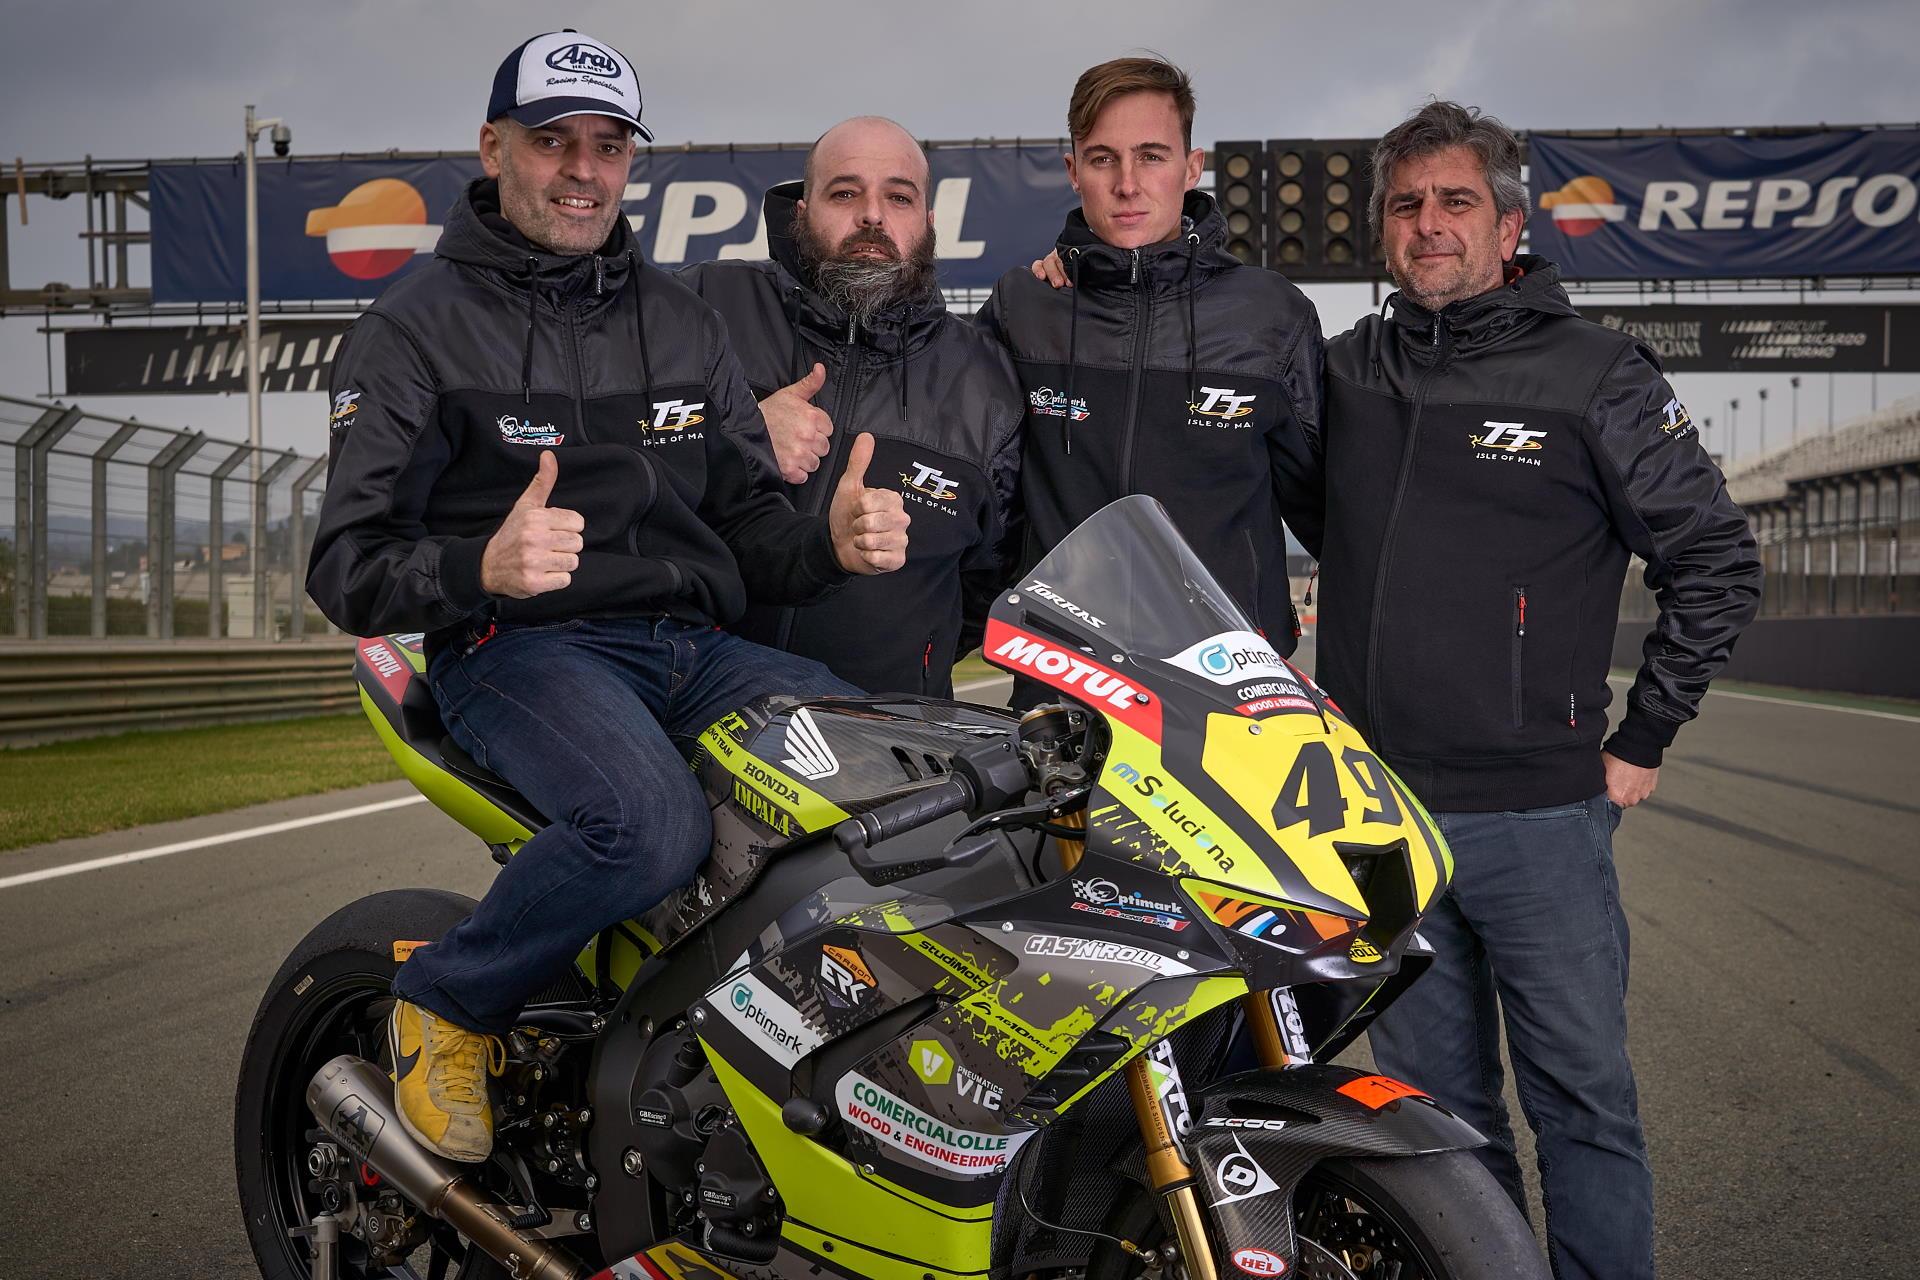 Programa #89 – Toll Racing Team: Road Races y ESBK